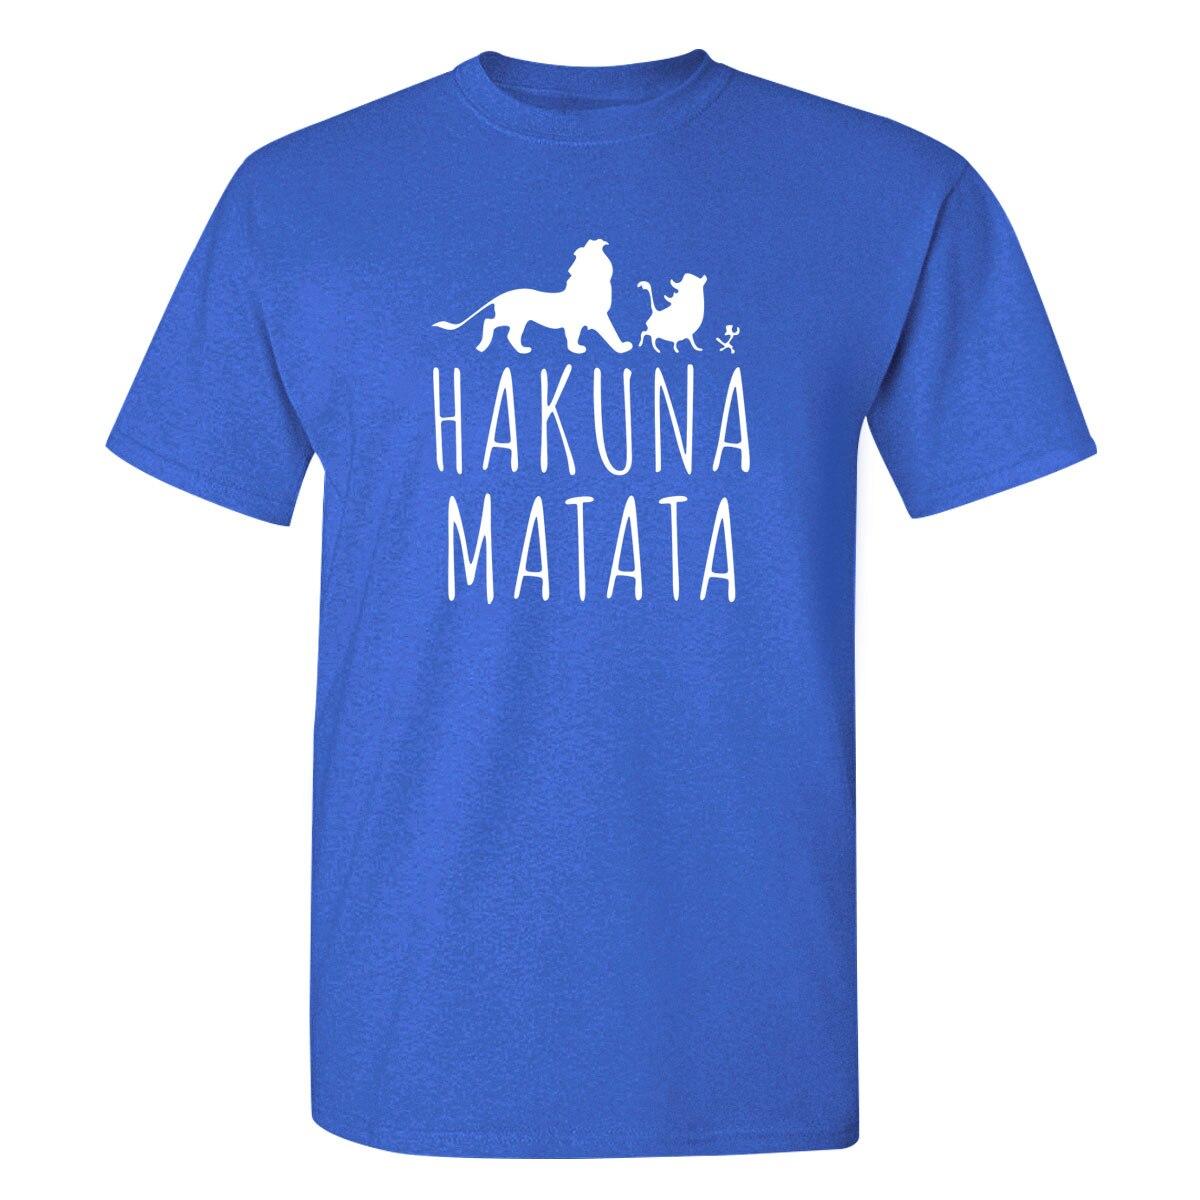 Fashion Top Tee Brand Printed HAKUNA MATATA Cool Fashionable Man Short T shirt Harajuku T-shirts Hot Sale T shirt Tees Shirts